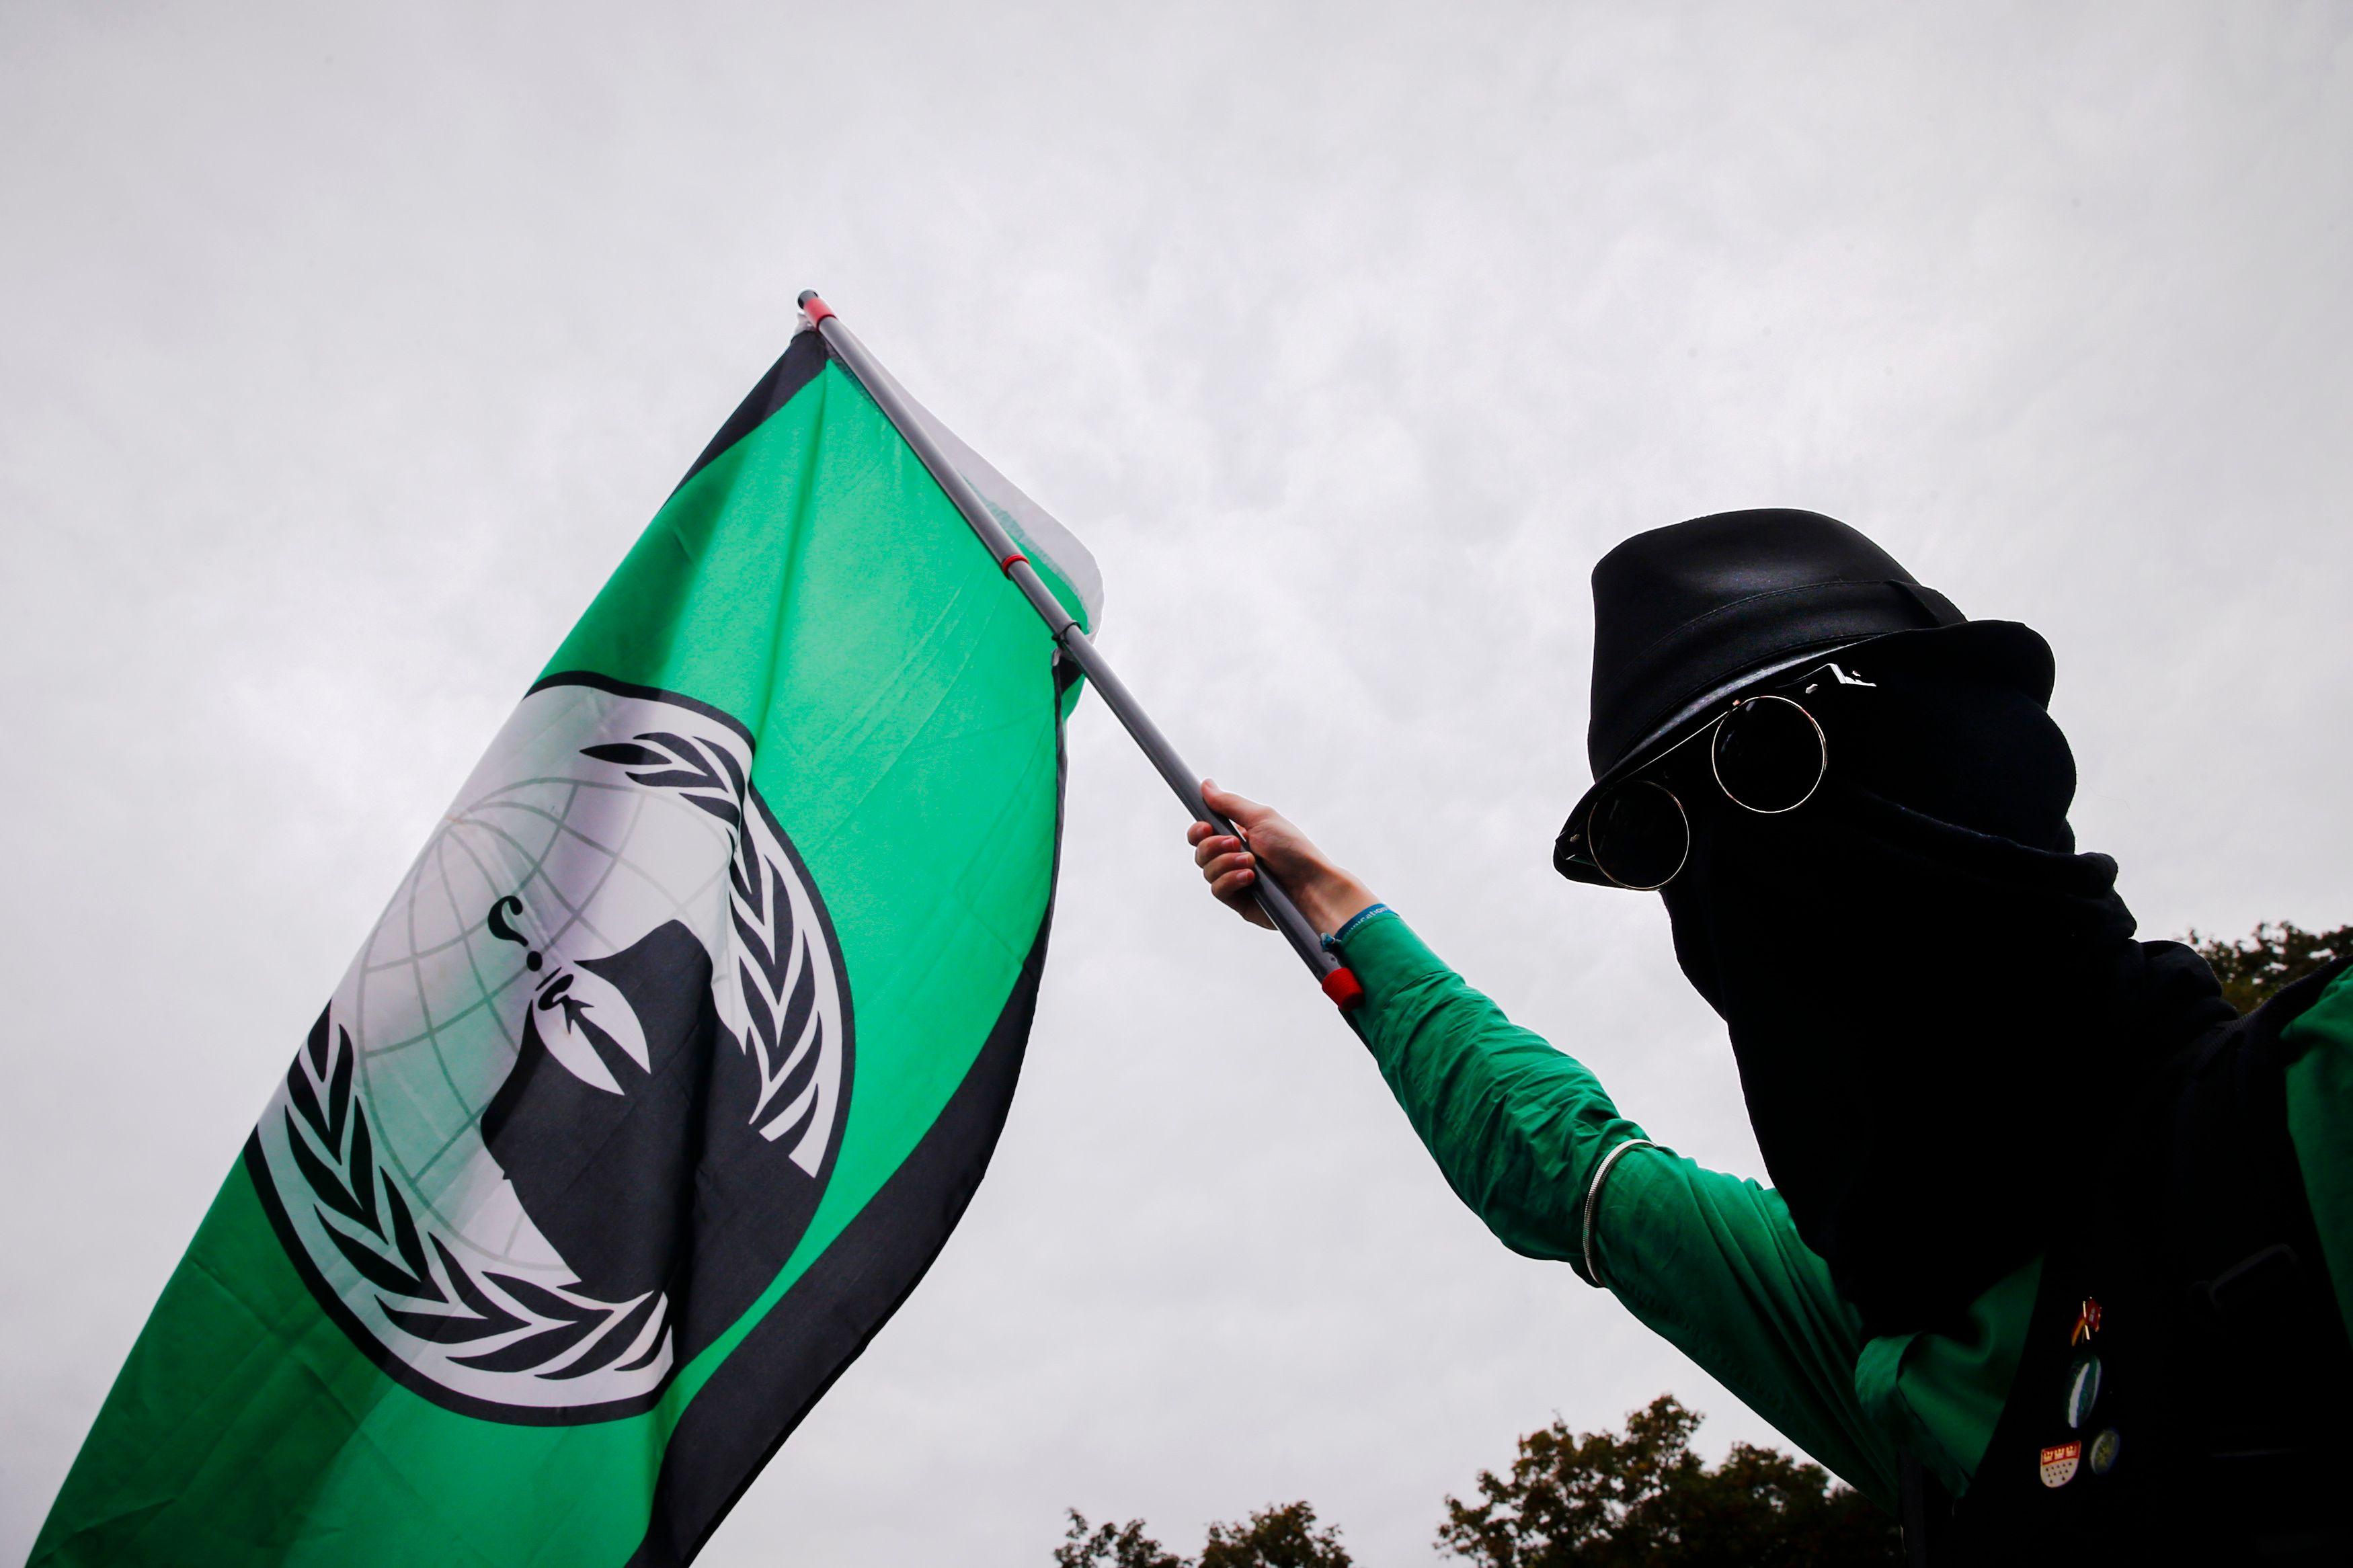 Anonymous déclare la guerre à l'Etat islamique : mais qu'ont-ils les moyens de faire réellement ?